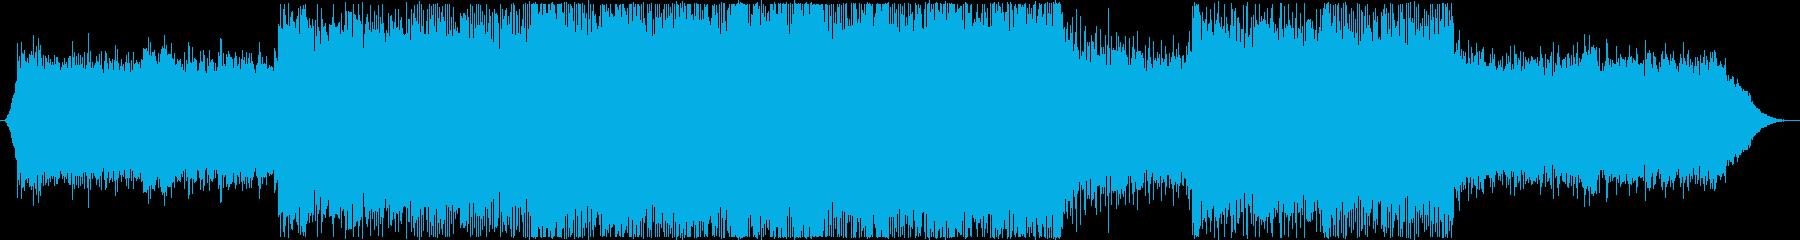 未来!希望!トランスBGM(メロ抜き)の再生済みの波形